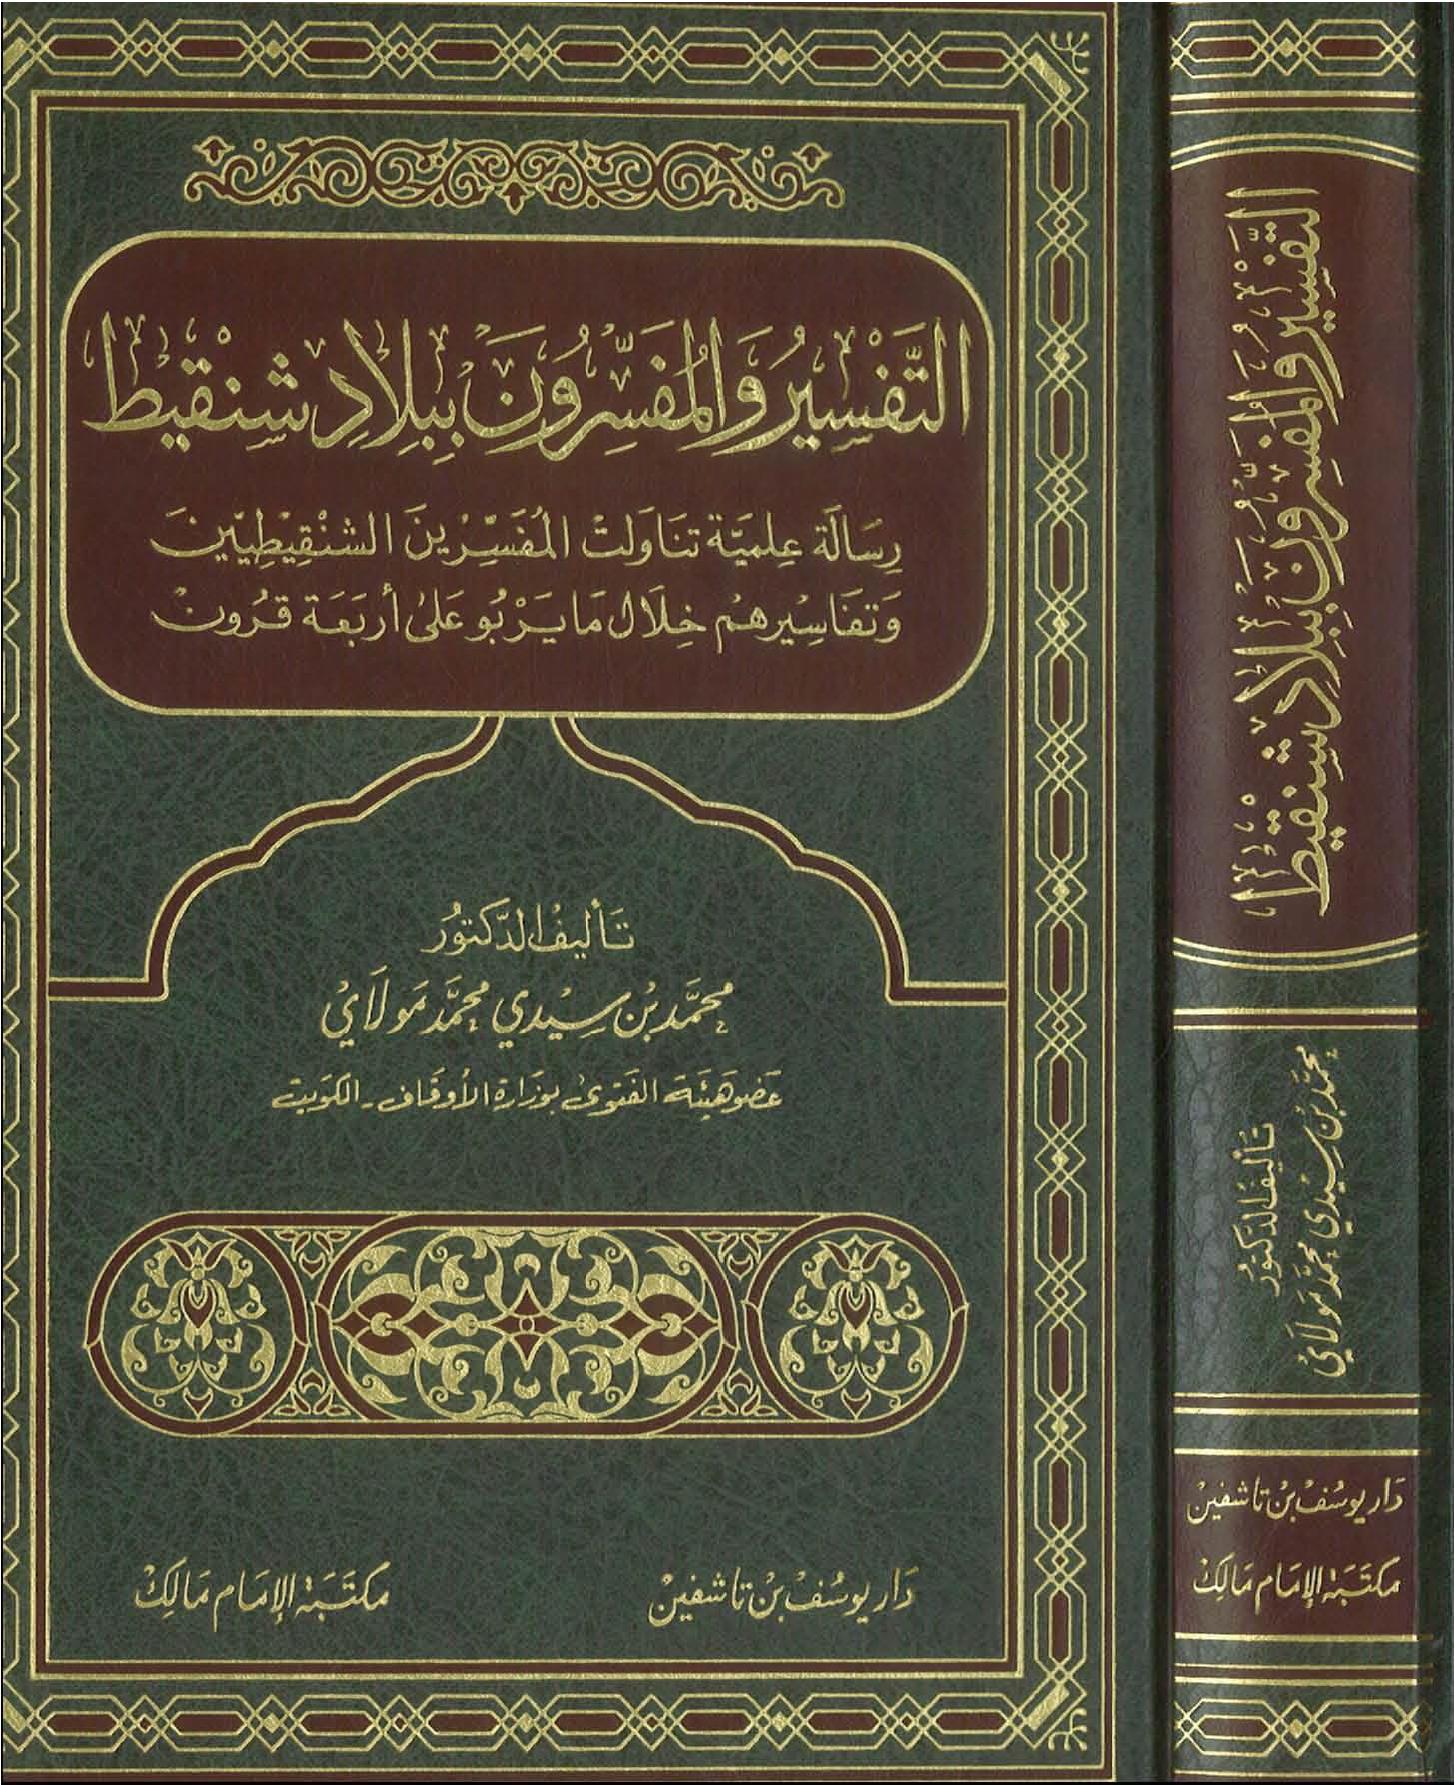 تحميل كتاب التفسير والمفسرون ببلاد شنقيط لـِ: الدكتور محمد بن سيدي محمد مولاي